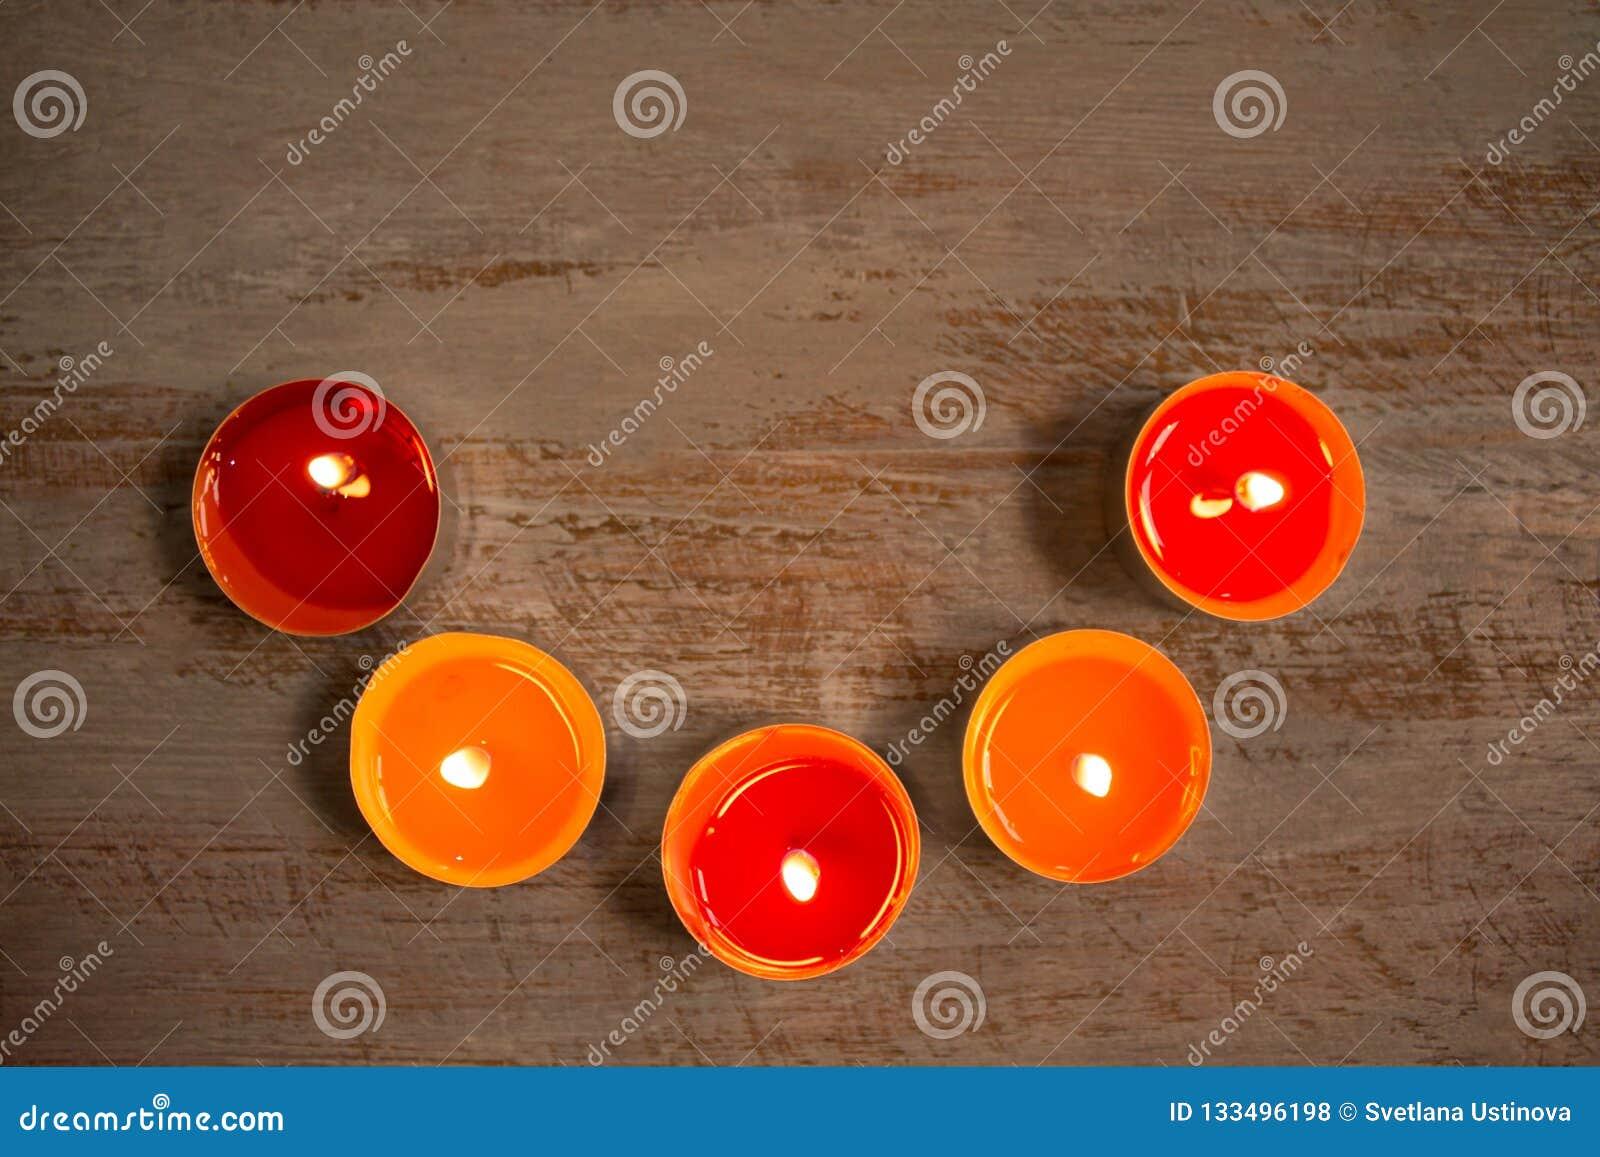 Kolorowe świeczki na drewnianych deskach